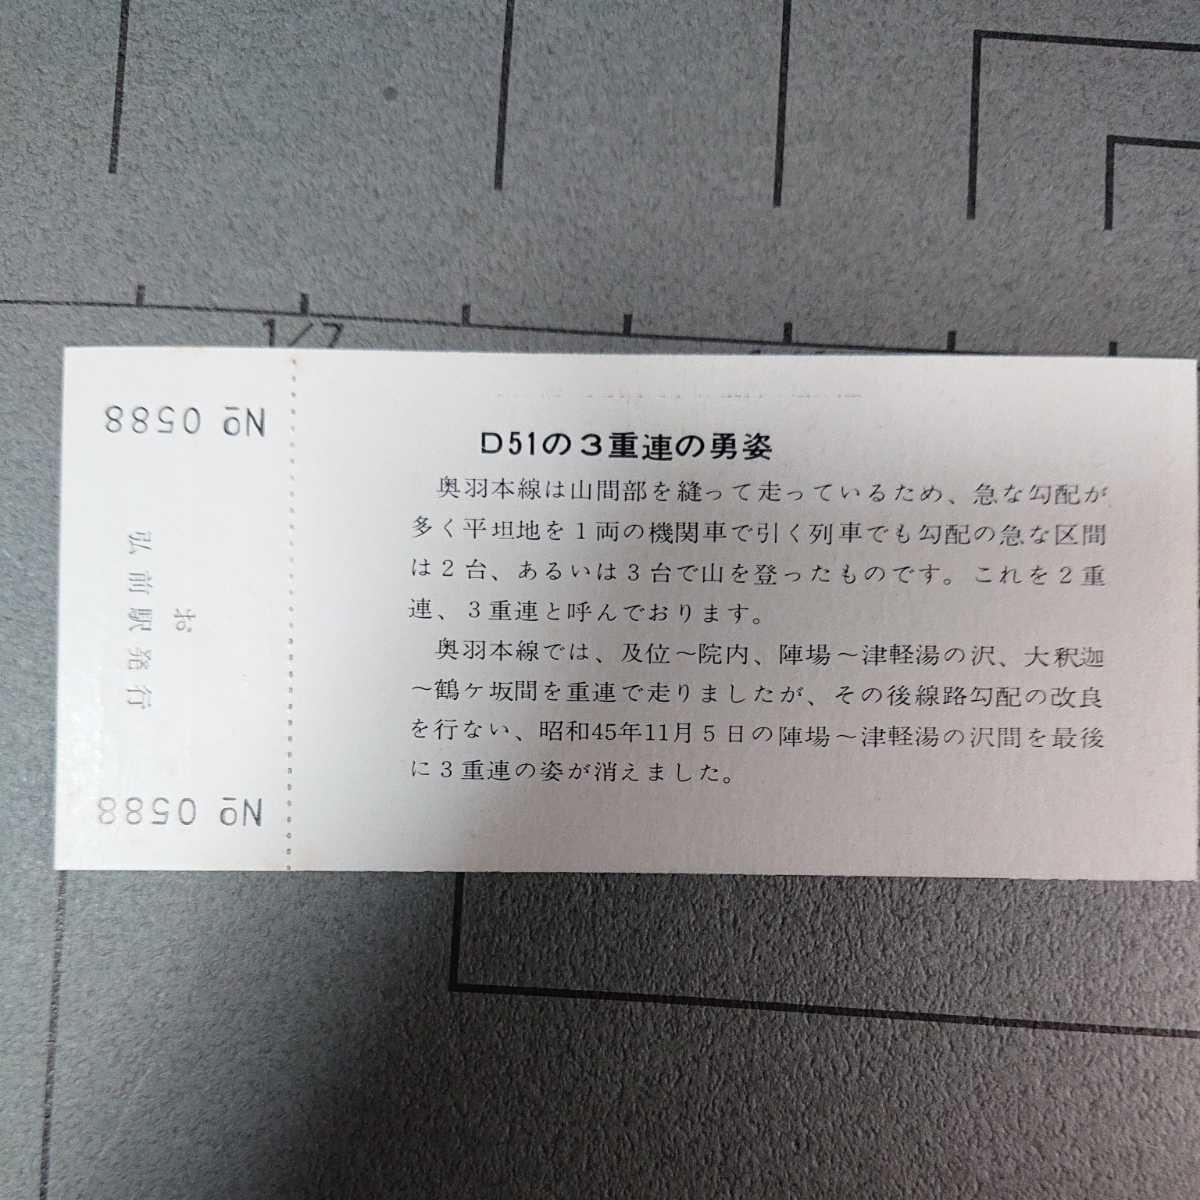 【記念入場券】SL D51 記念入場券 弘前駅_画像2